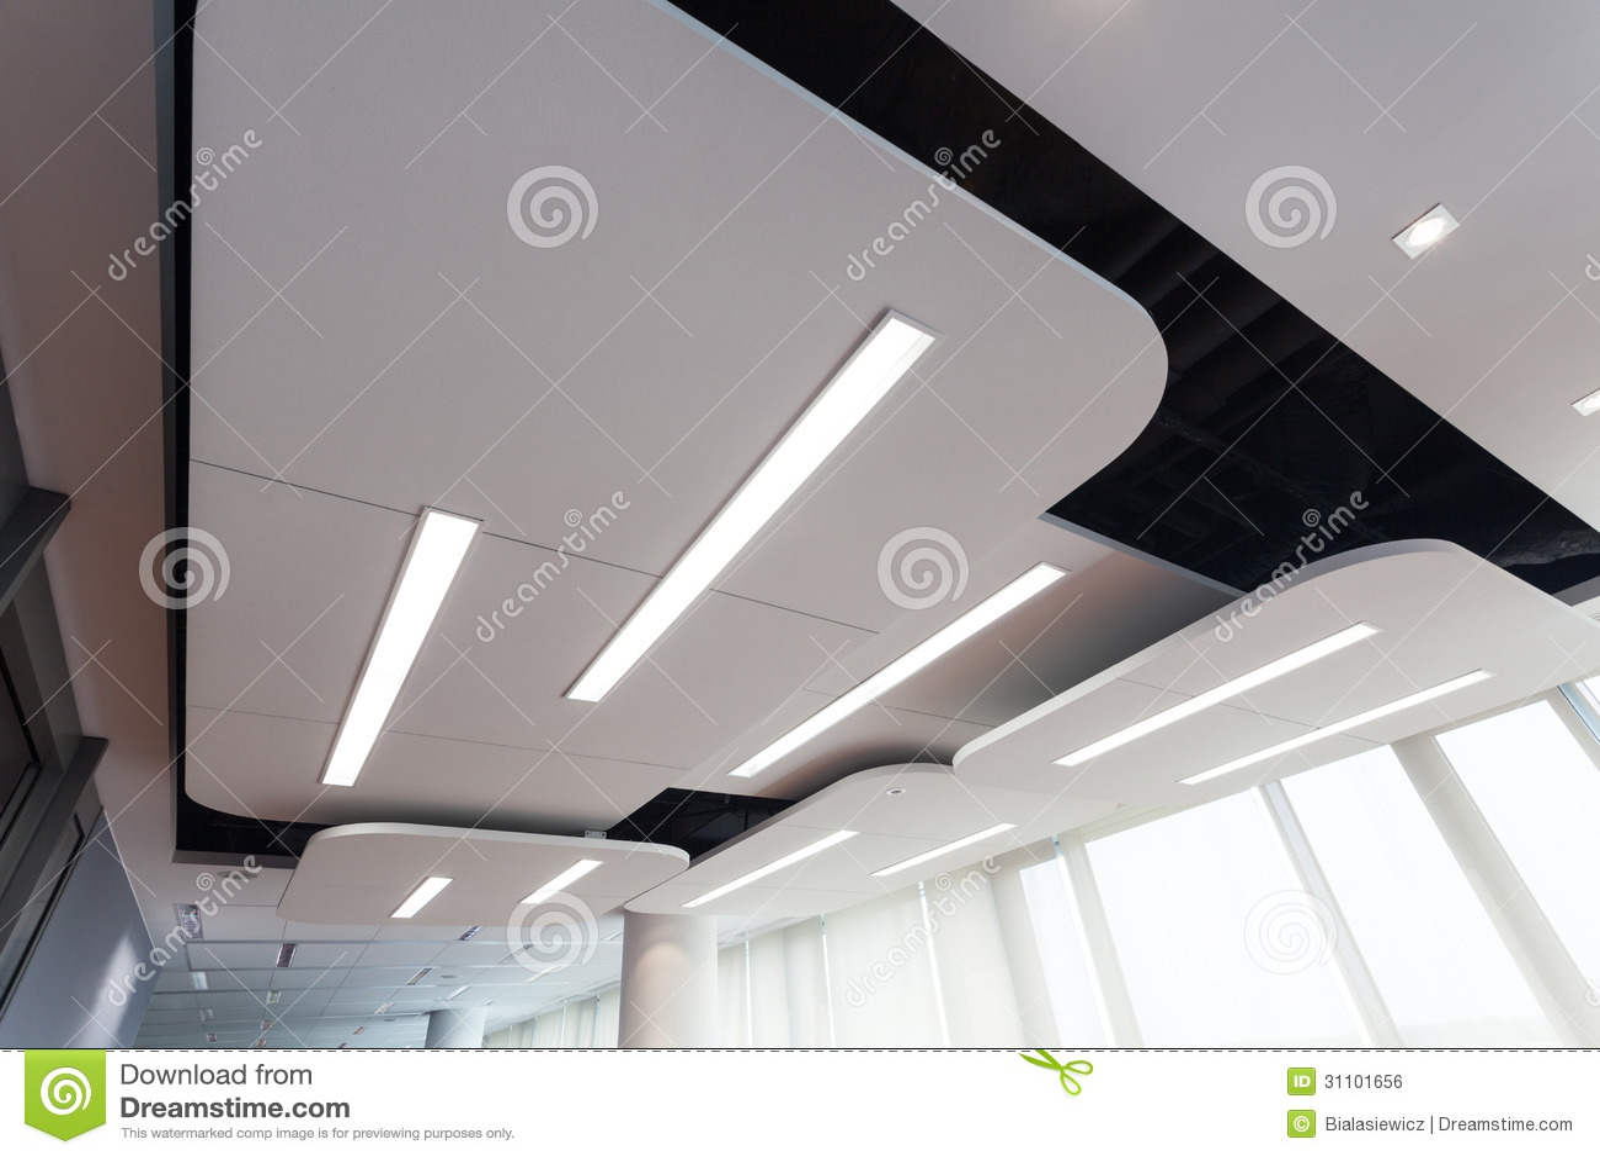 Modern Plafond Met Verlichting Royalty-vrije Stock Afbeelding - Beeld ...